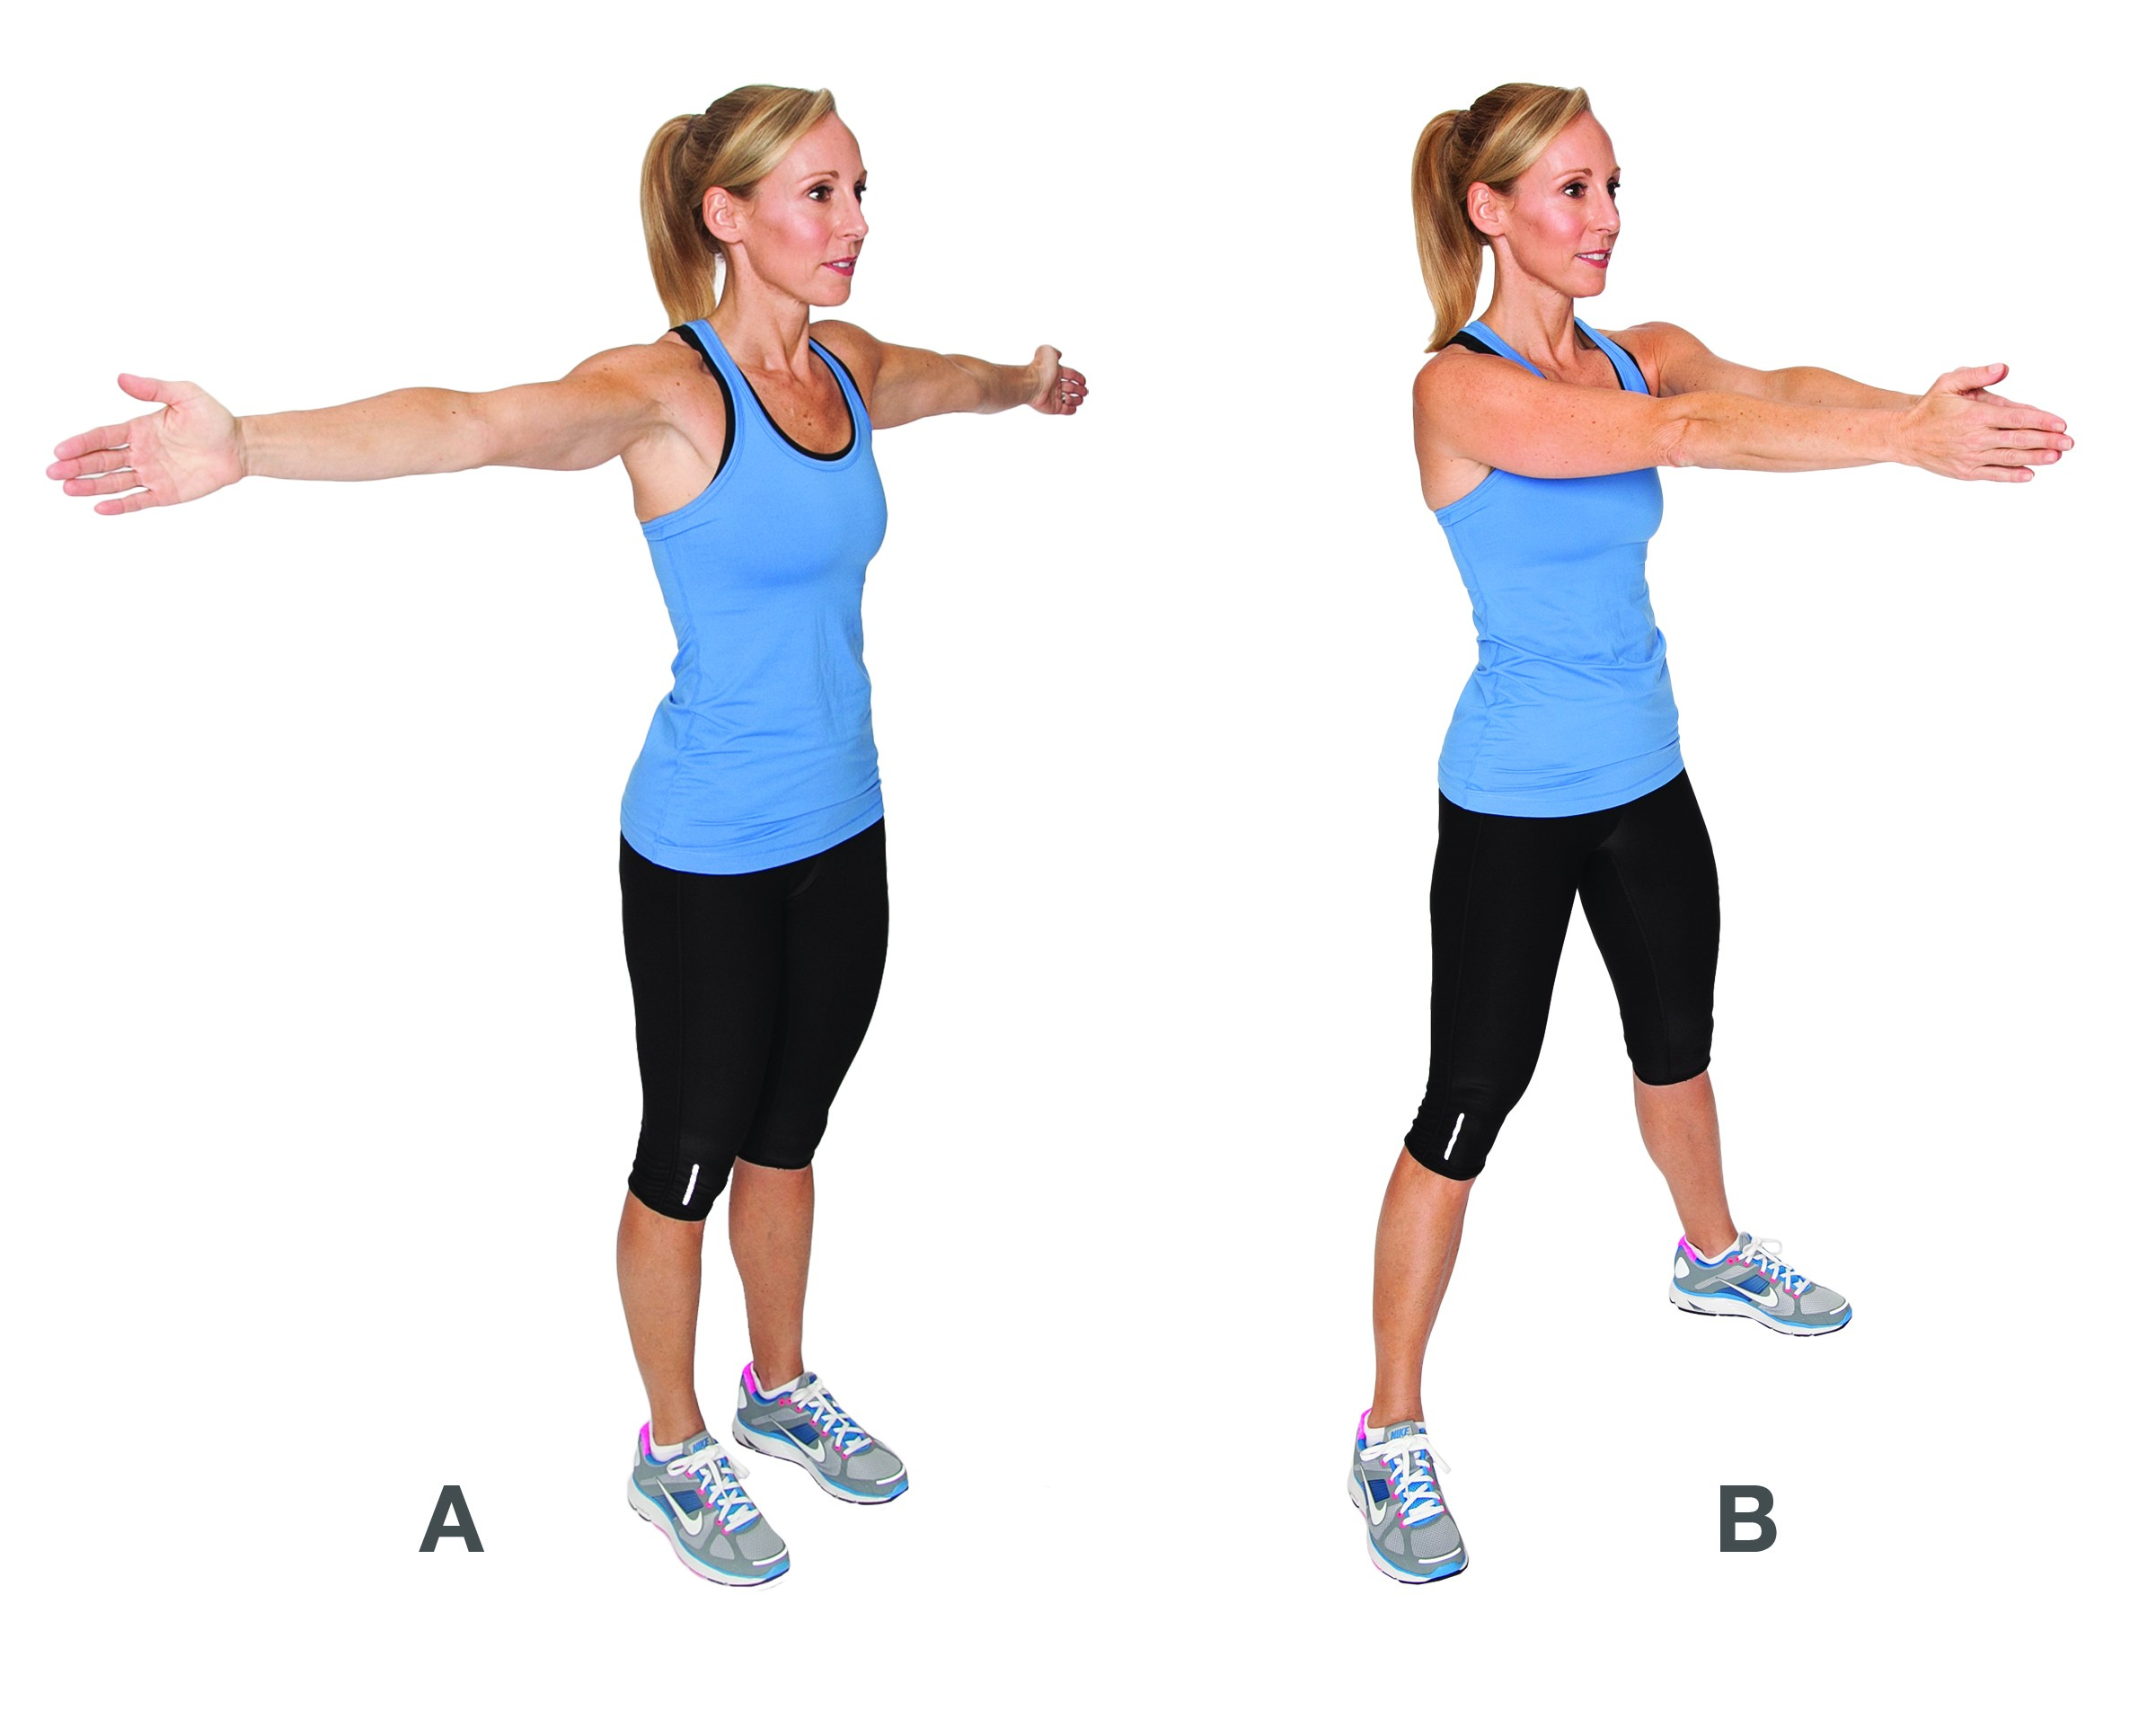 تمارين لتكبير الصدر - تمرين التصفيق لتكبير الصدر